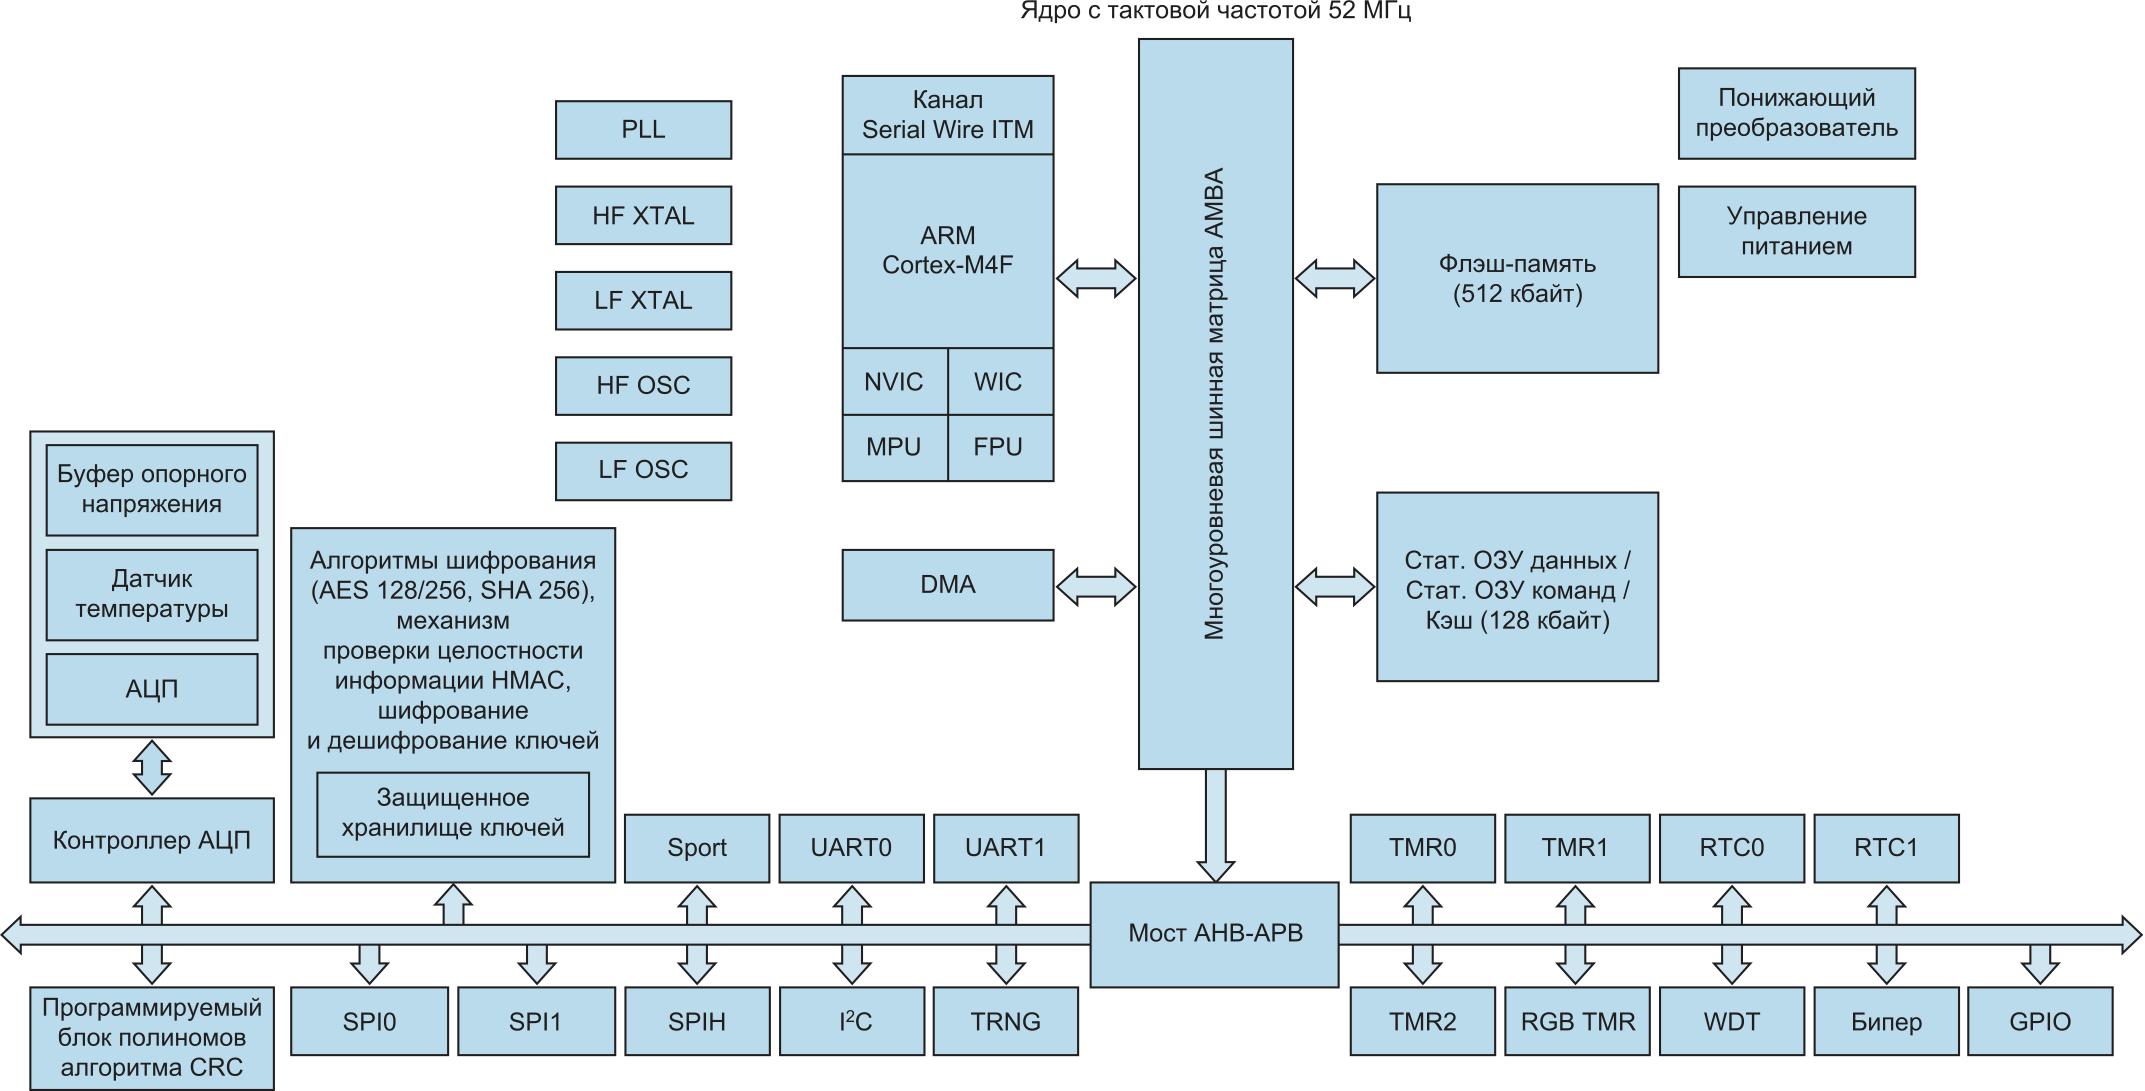 Блок-схема микроконтроллера ADuCM4050. Он включает LDO-стабилизатор напряжения 1,2 В и дополнительный емкостный понижающий преобразователь